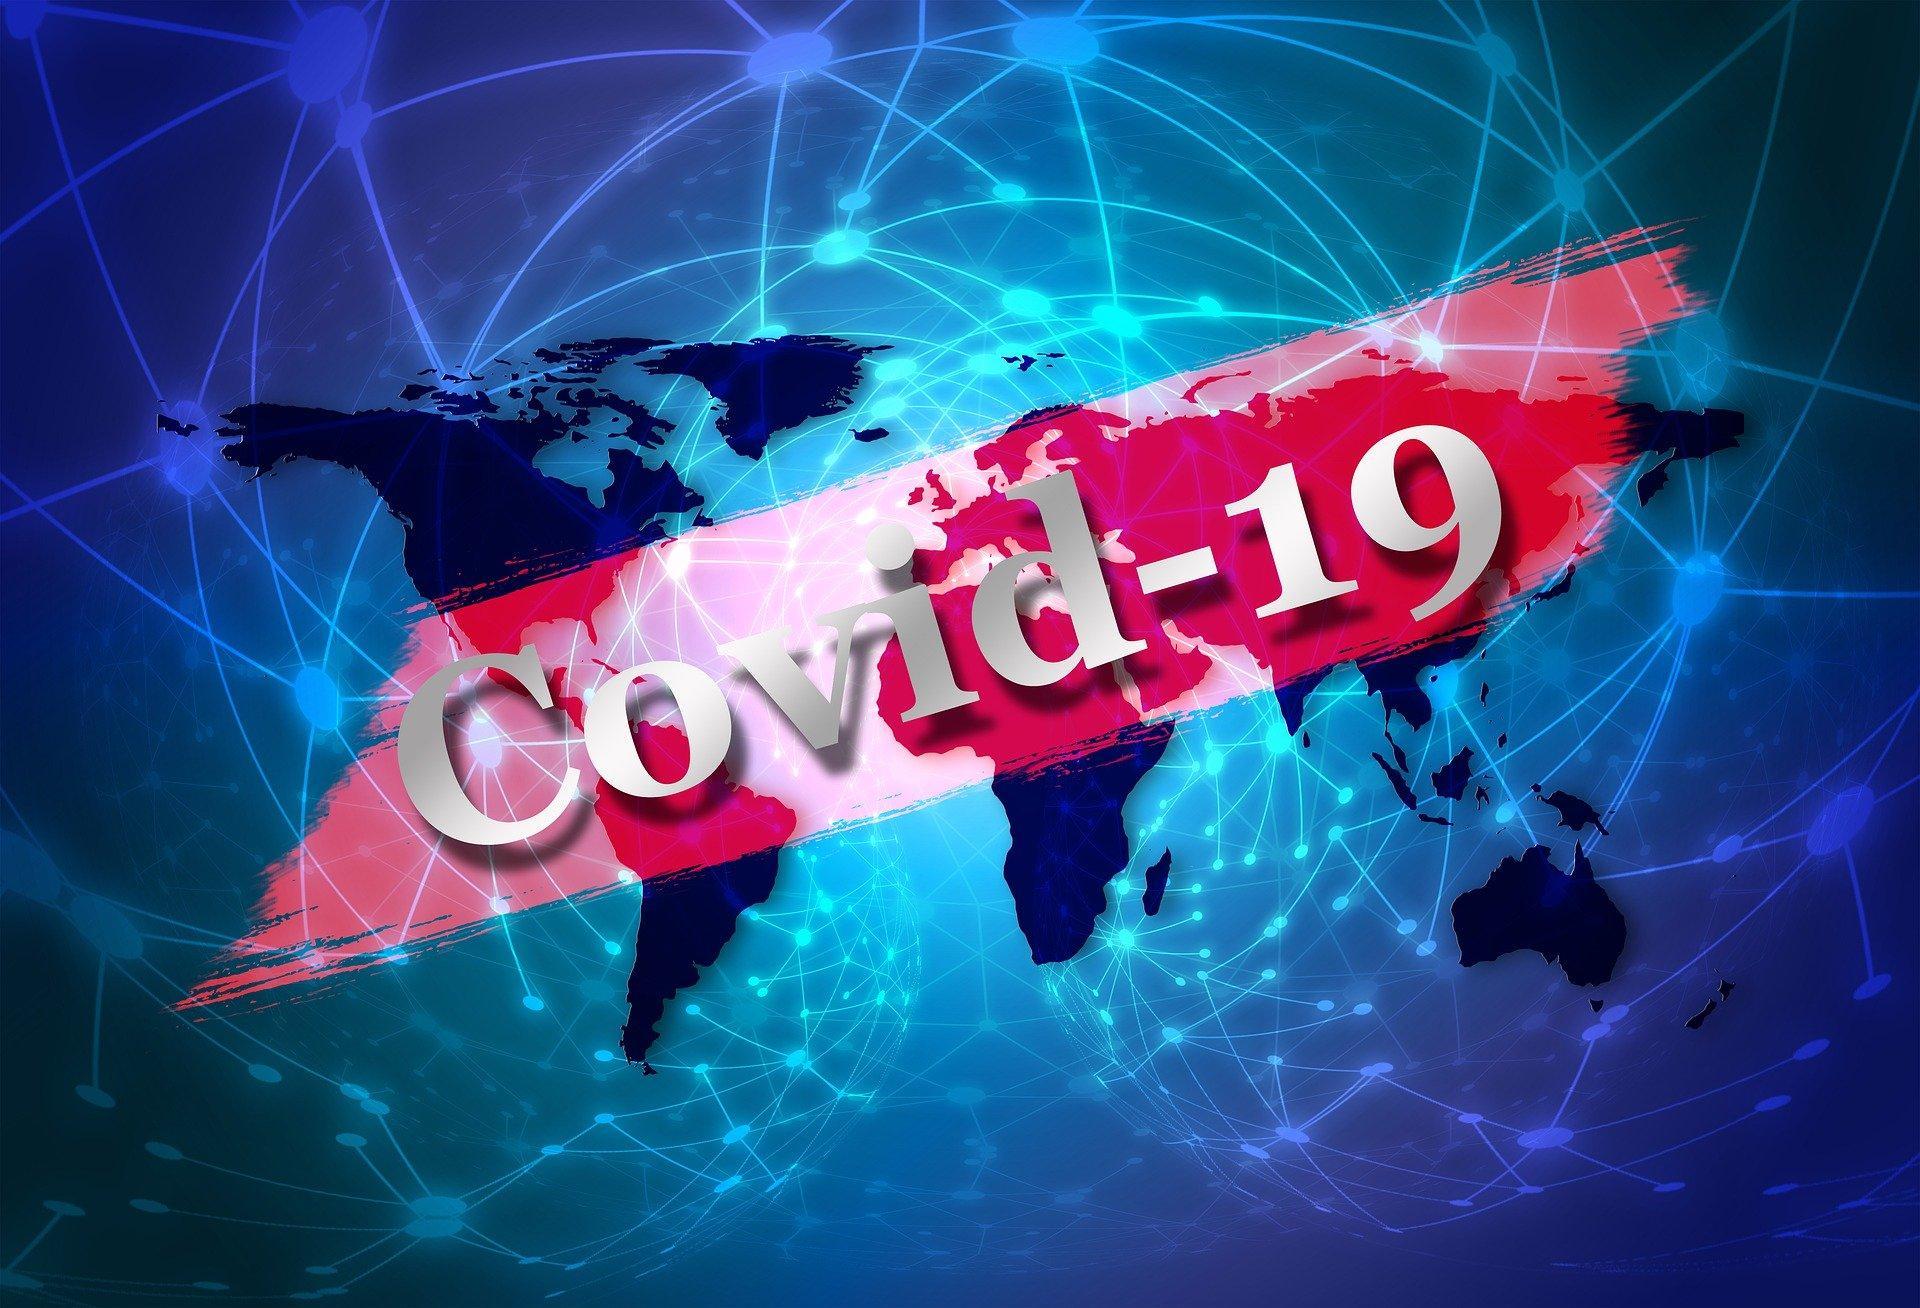 Cele mai importante noutăți aduse de <br> Ordonanța Militară 8/2020 <br> privind măsuri de prevenire a răspândirii COVID-19